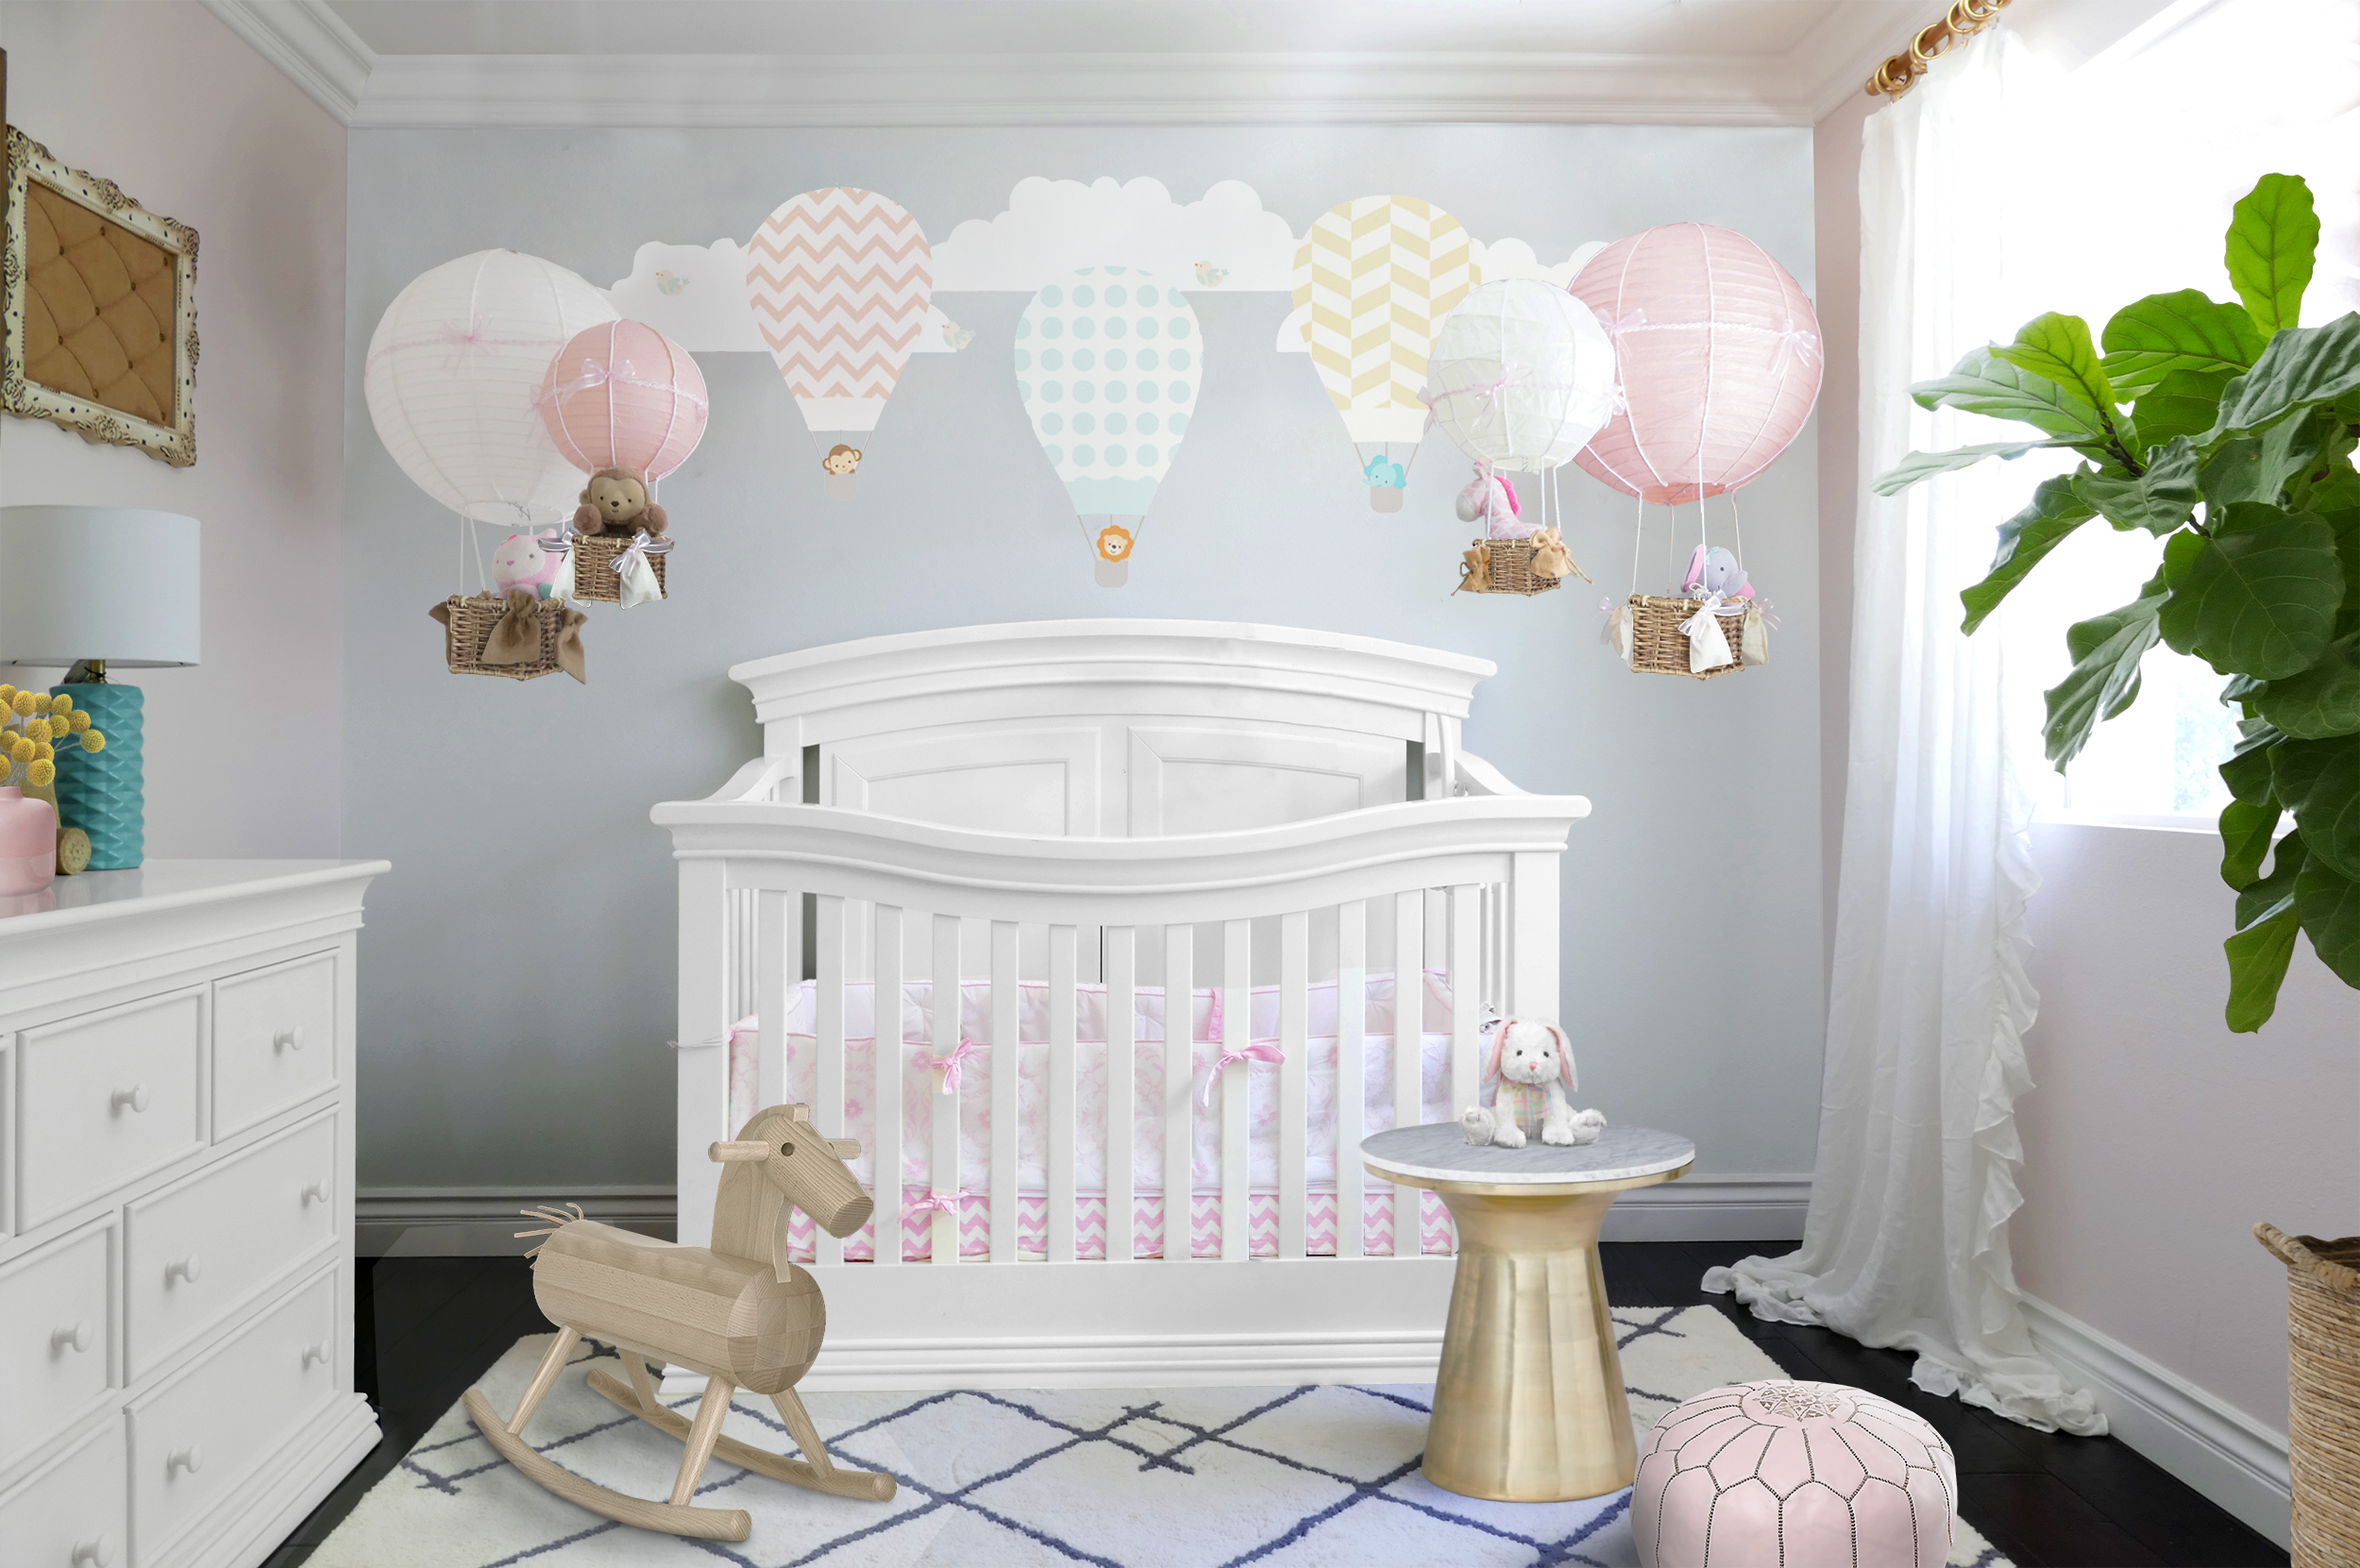 Balloon Nursery